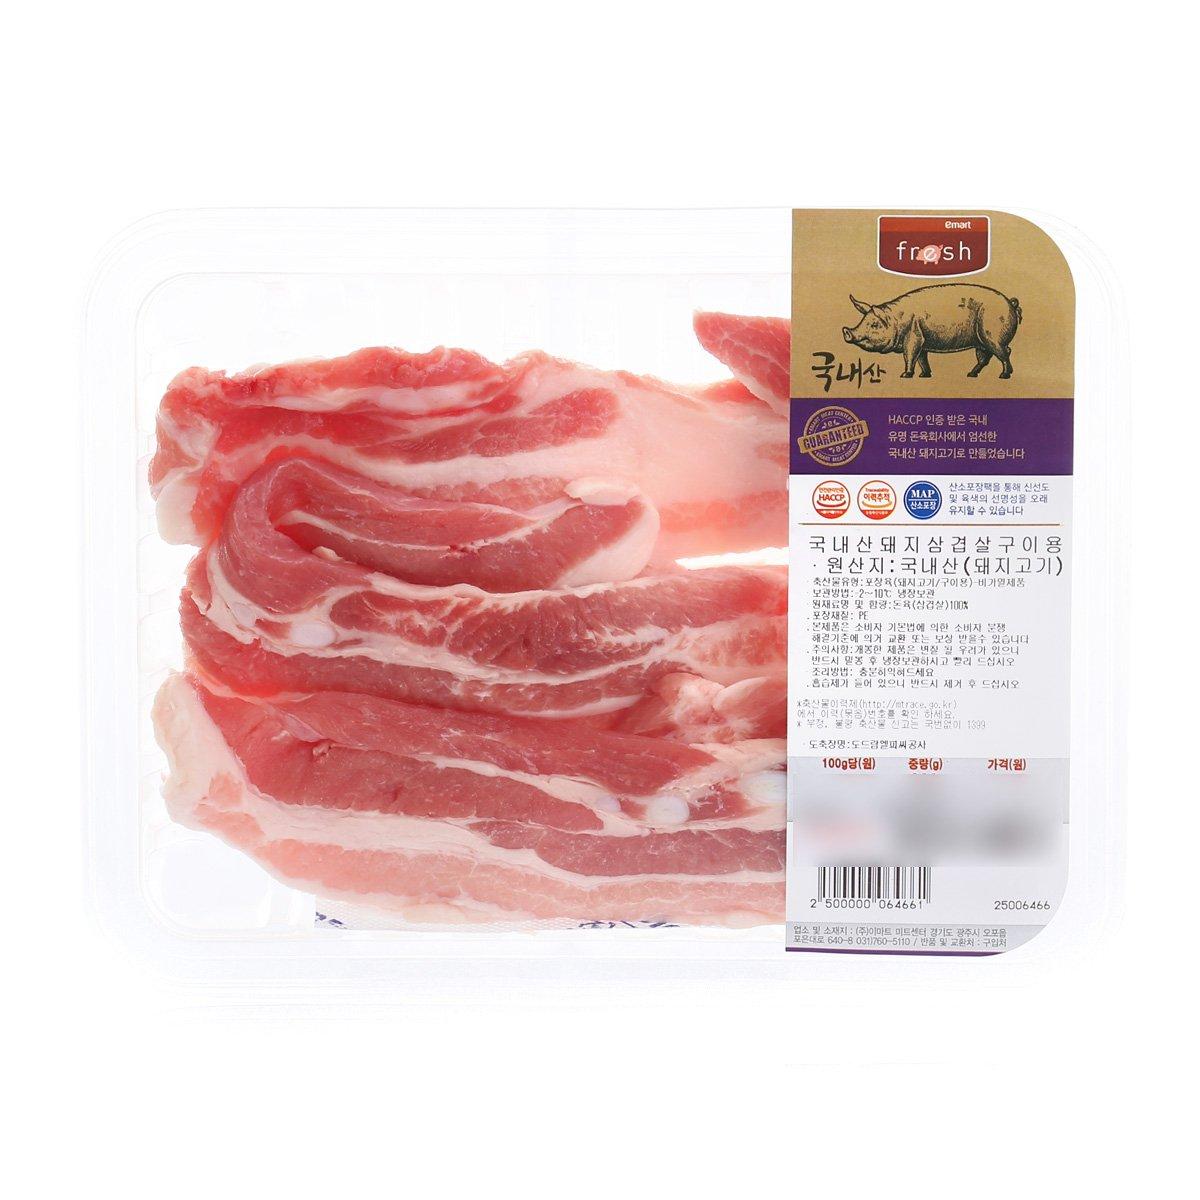 ▲국내산 돼지삼겹살구이용 (300g)